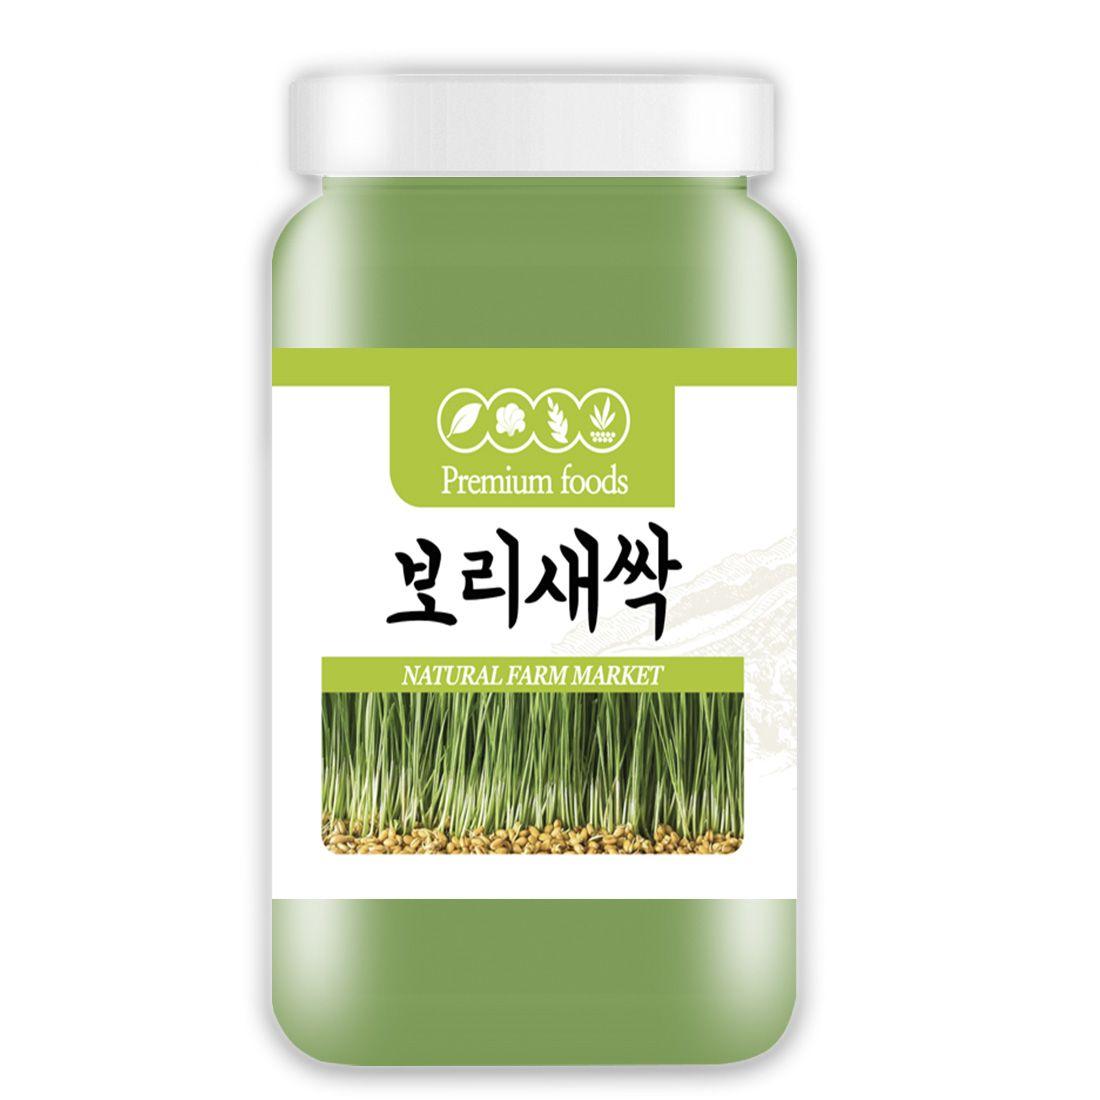 국산 새싹보리분말 150g 보리새싹 보리어린잎가루